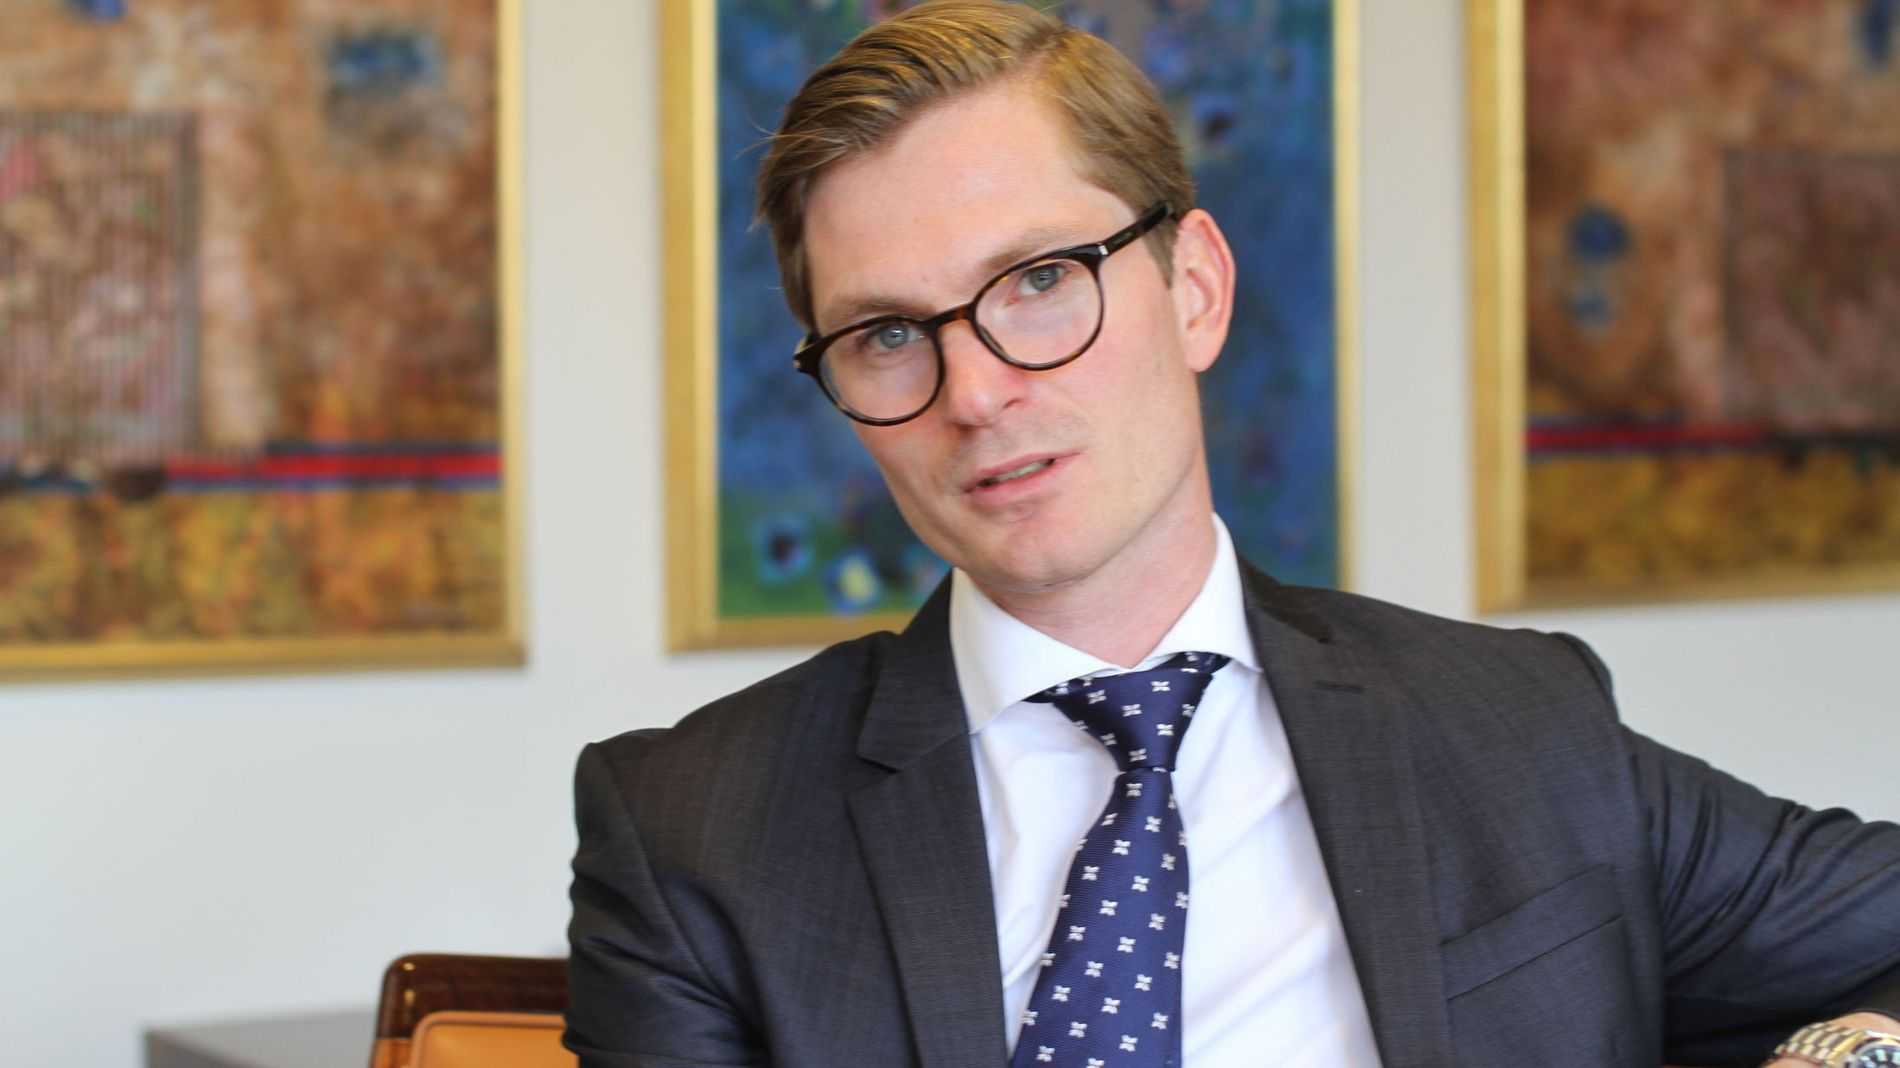 – VI ER GENUINT AKTIVE: Arne Simensen er ansatt til å forvalte det nye Norden-fondet til Fondsfinans Kapitalforvaltning. Han mener det som skiller dem fra mange av konkurrentene skal være en genuin aktivitet som forvalter. – Her vil du ikke bare finne de klassiske topp-ti-selskapene, sier han.